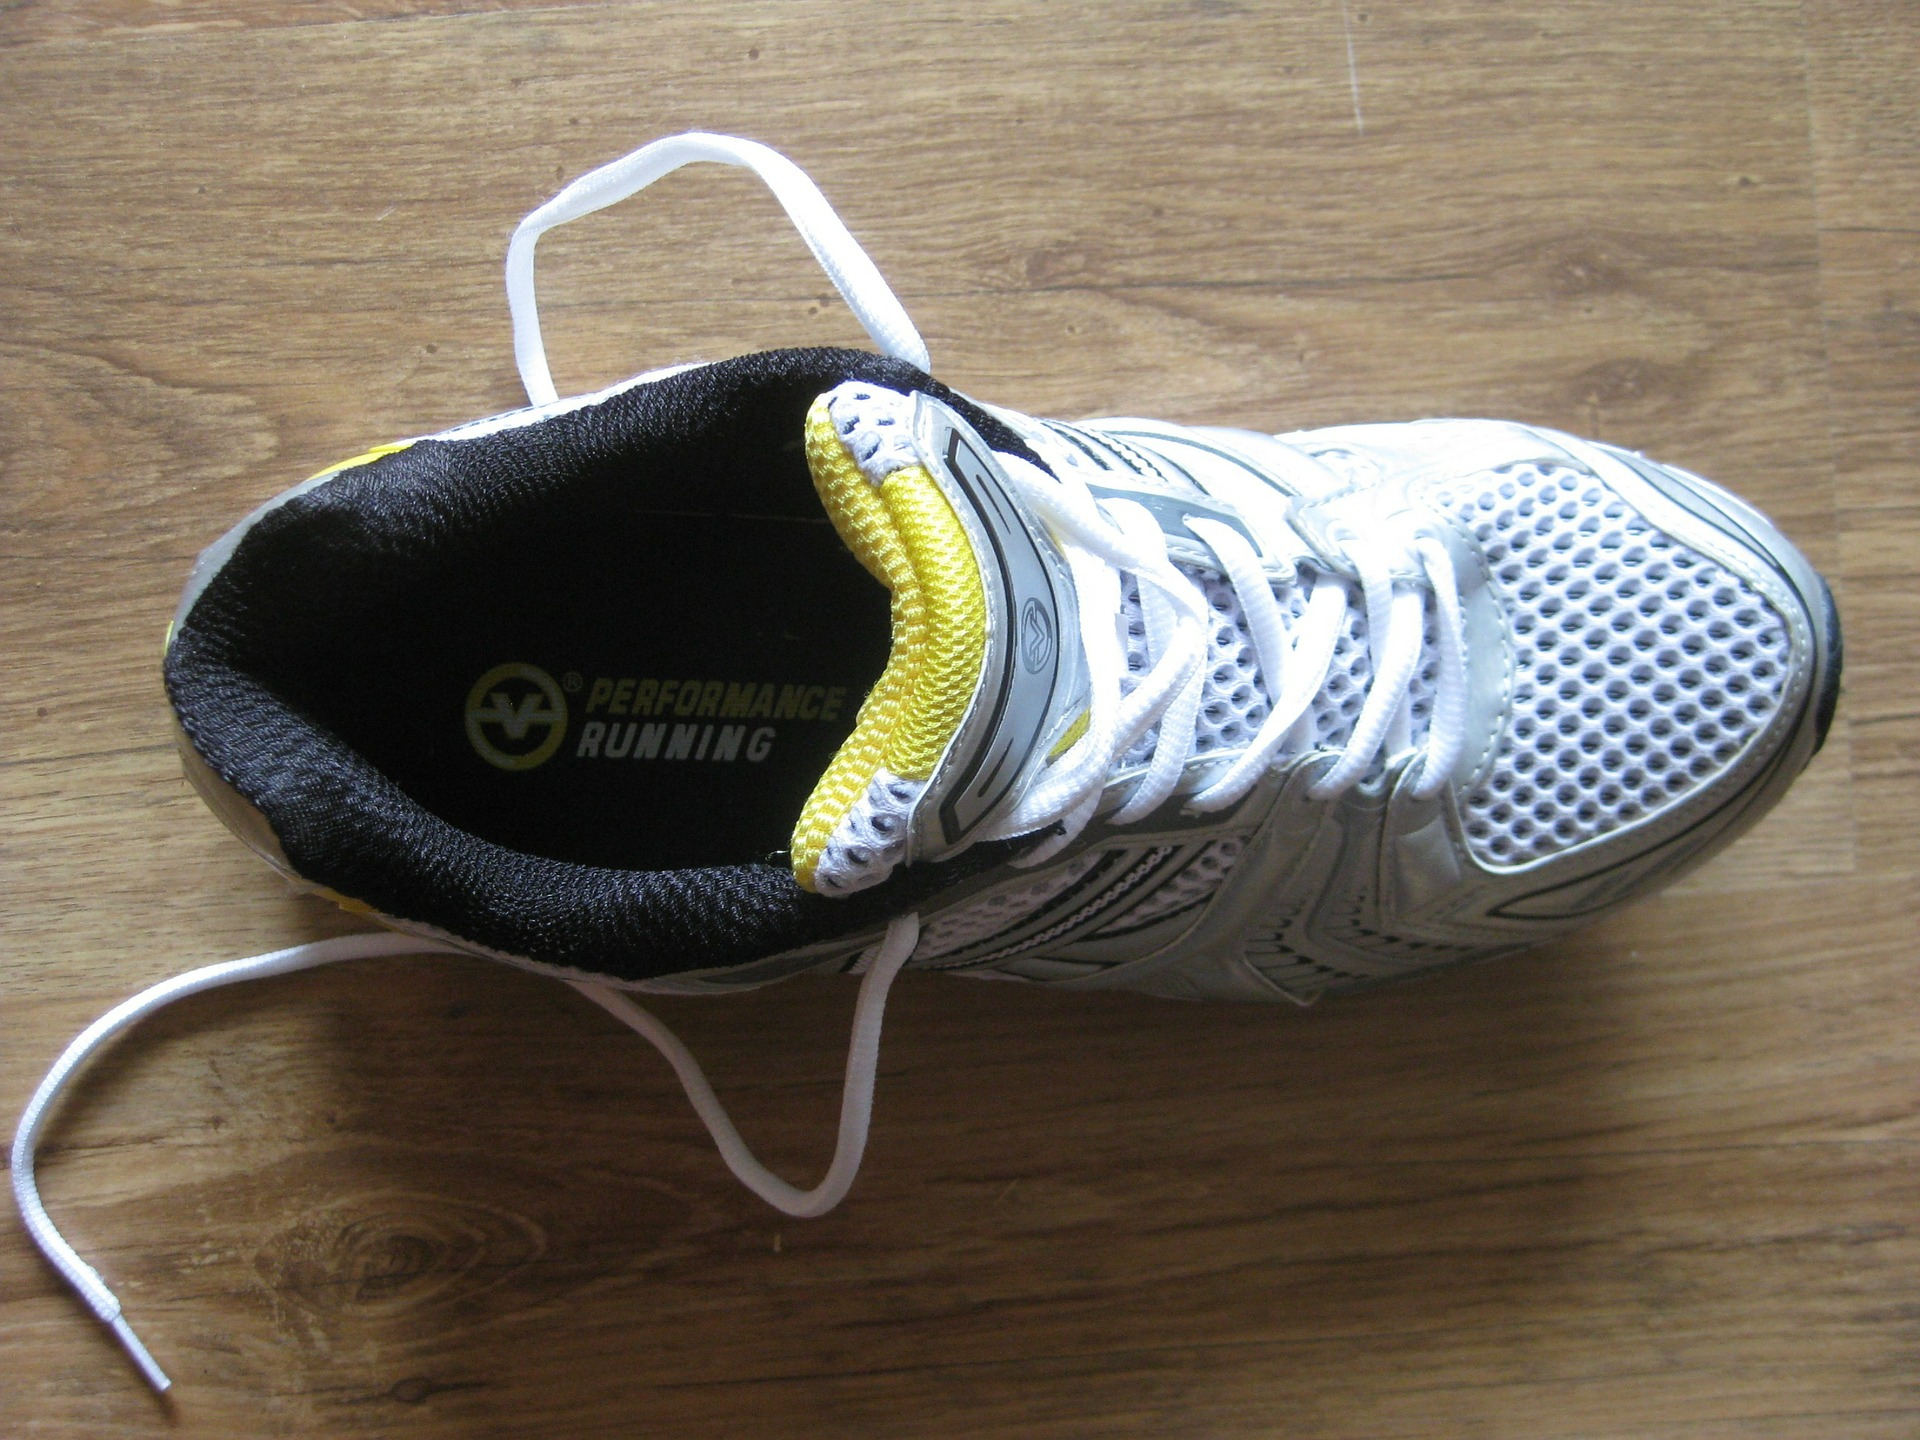 sneakers-279324_1920